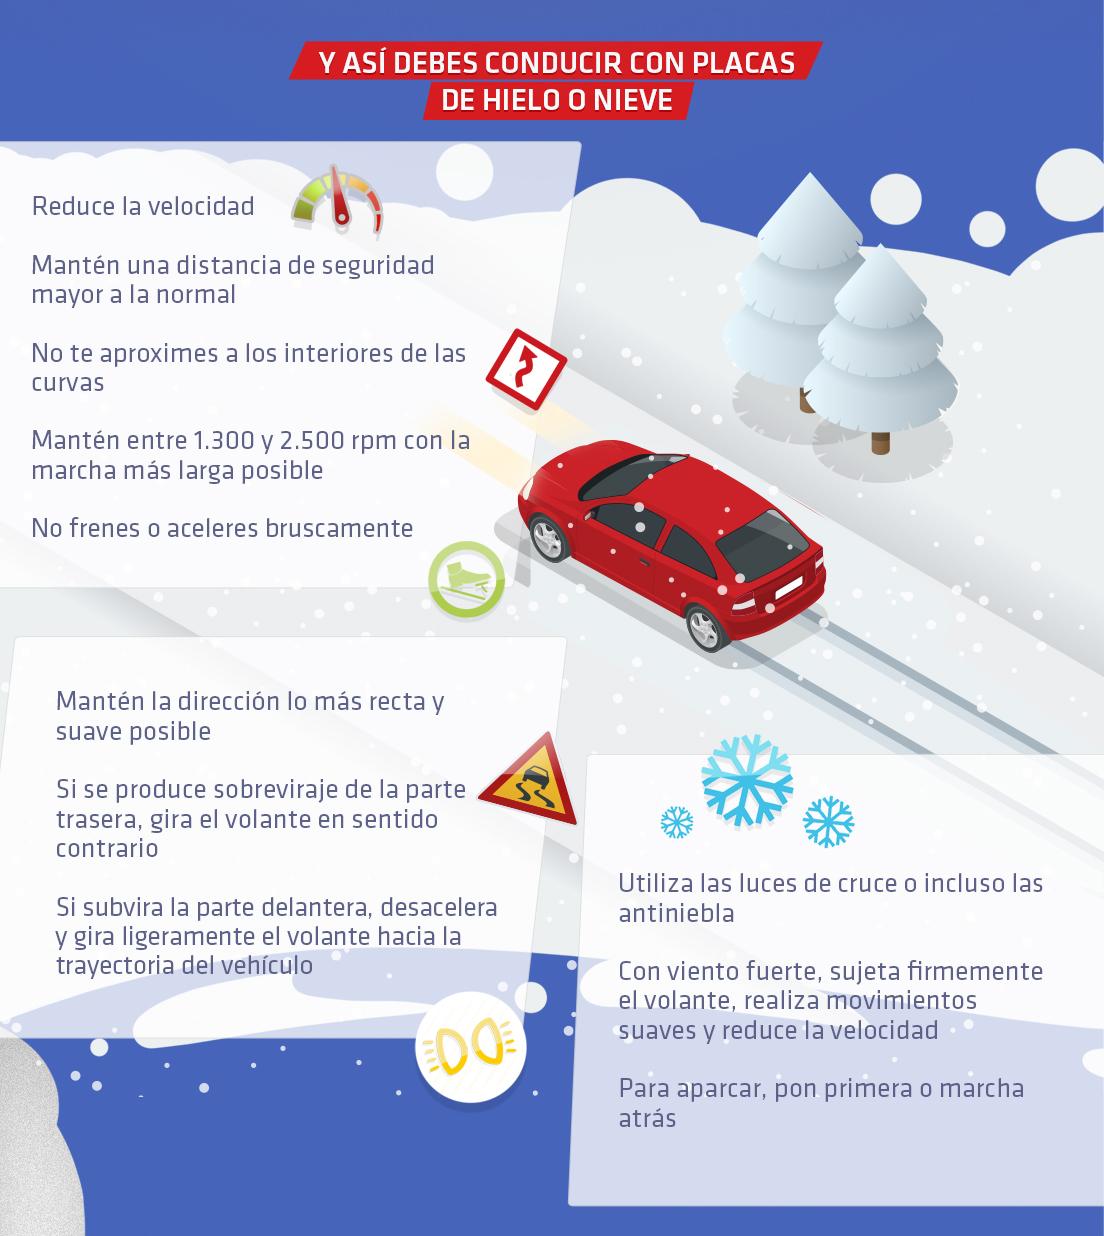 Infografía sobre como conducir con hielo